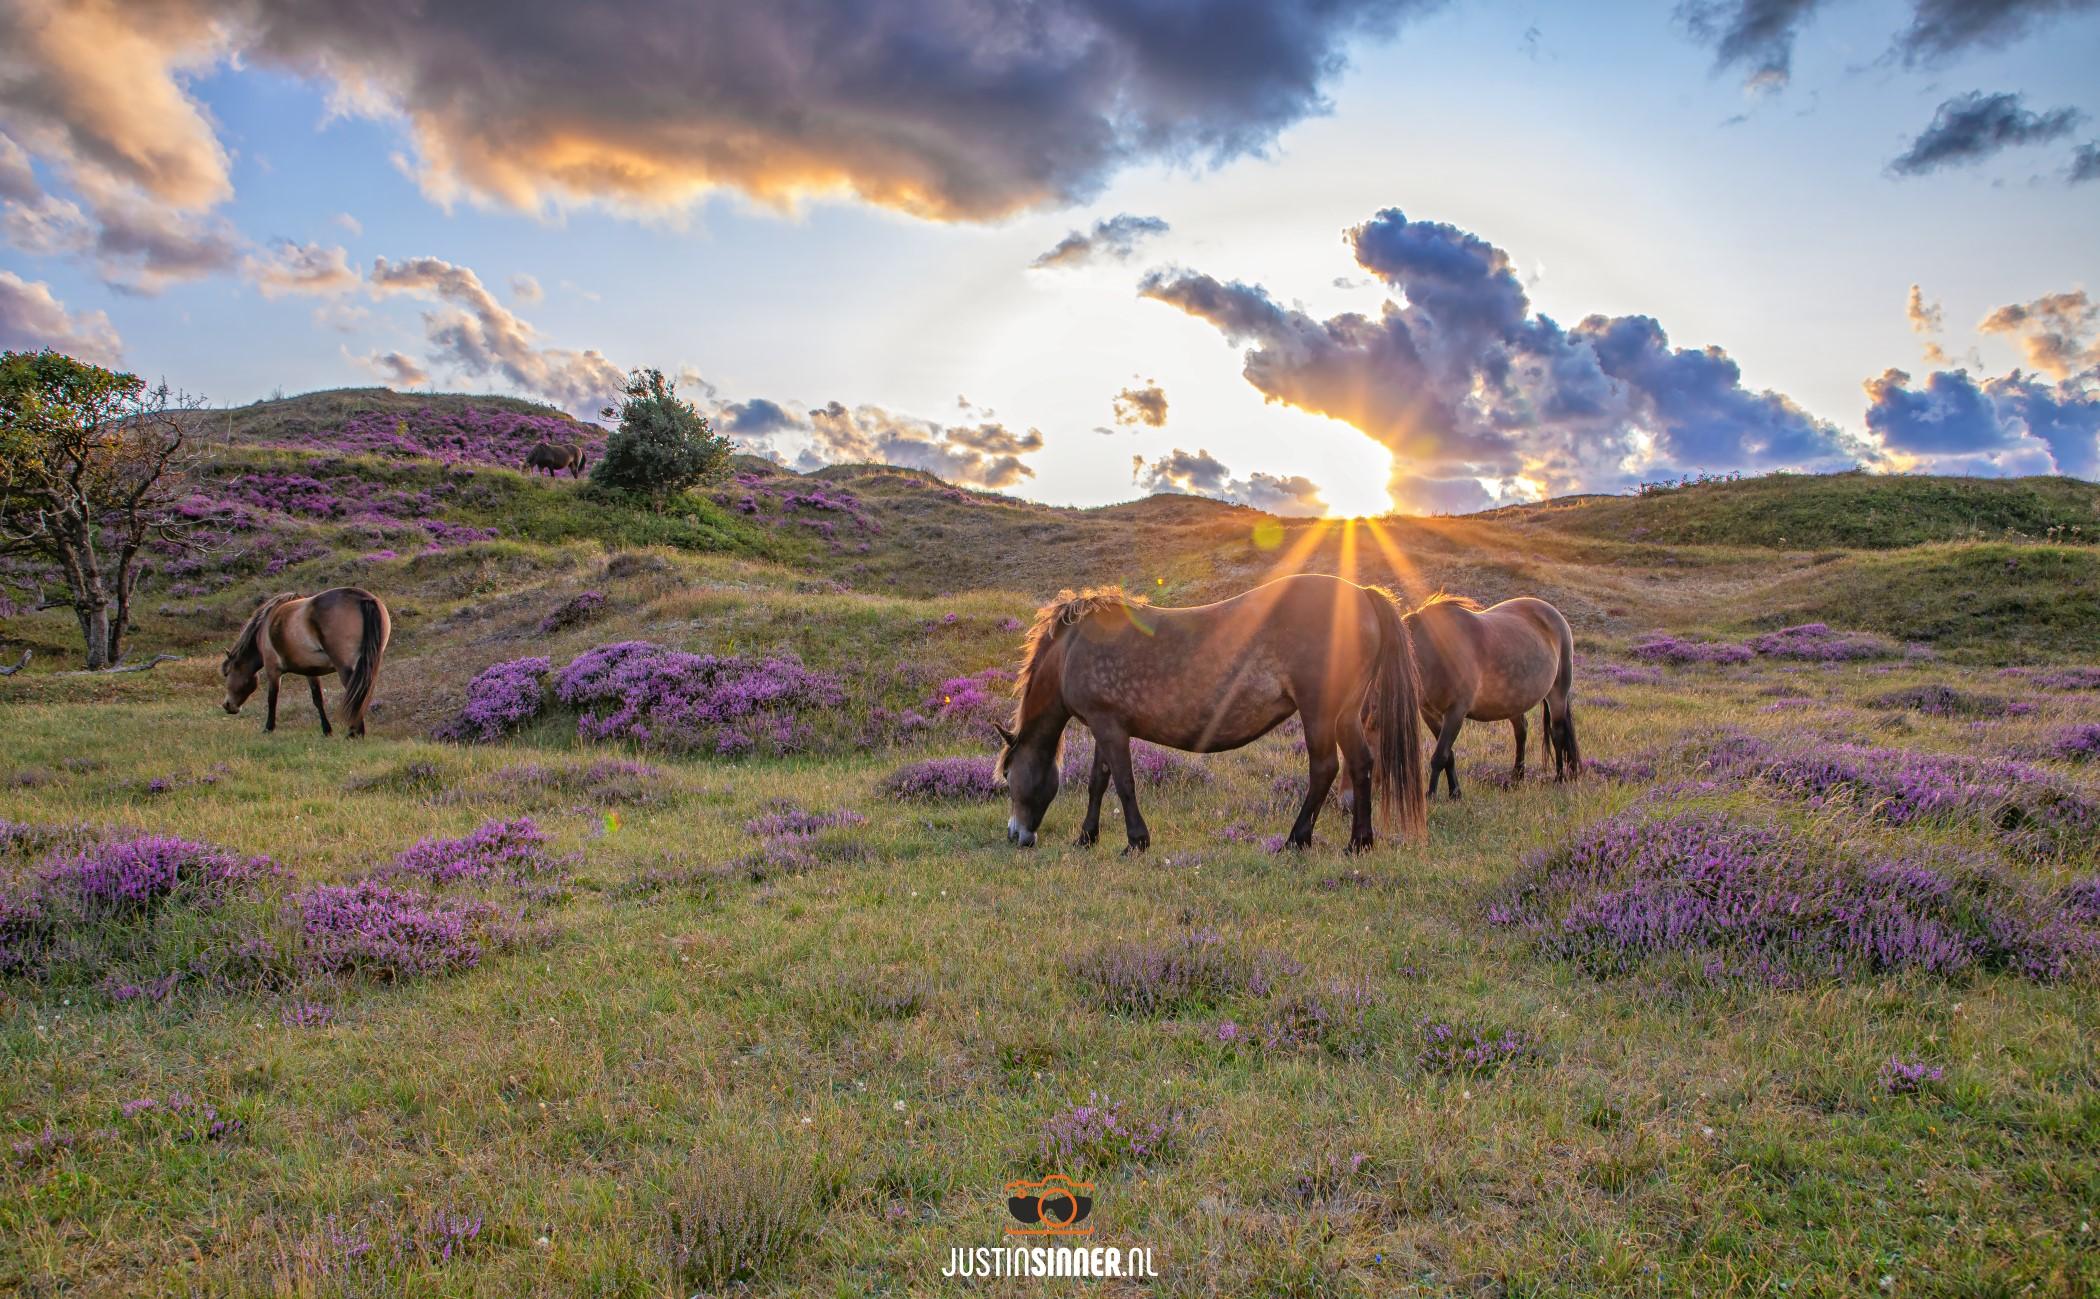 Paarden en heide op Texel / Horses and heather on Texel